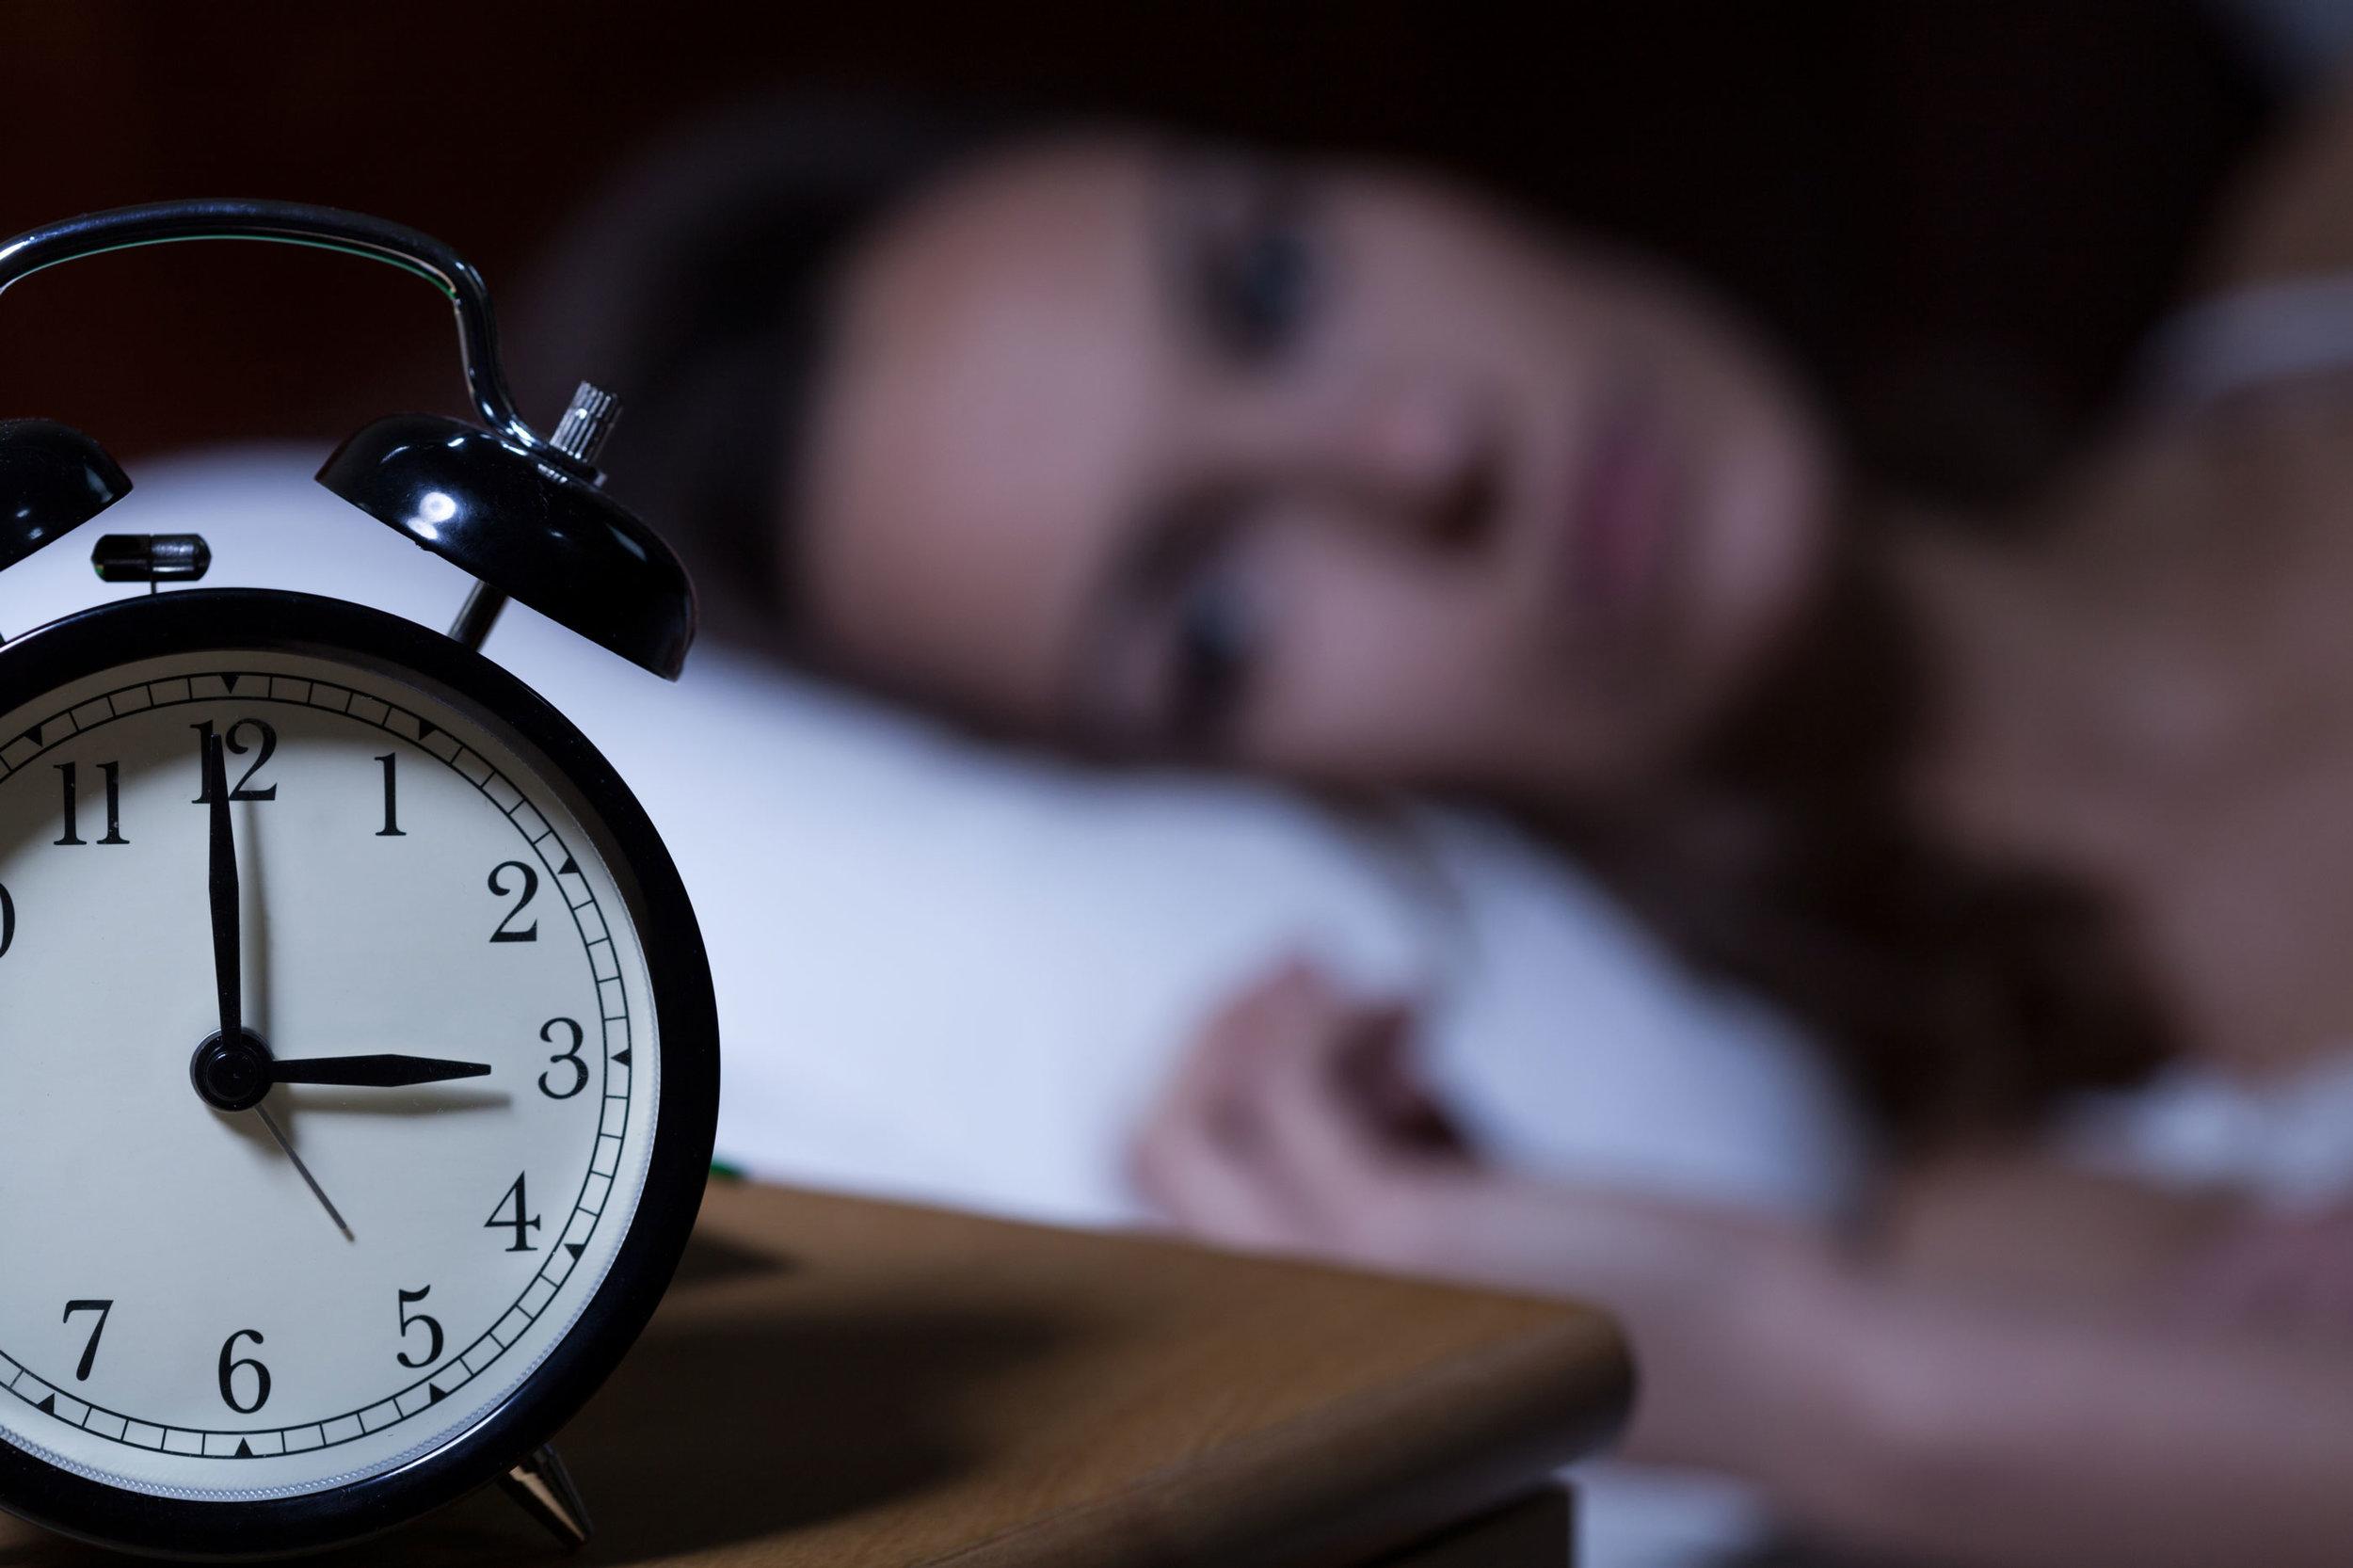 trattamento shiatsu contro insonnia bra cuneo torino massaggio shiatsu per dormire meglio salute benessere .jpg